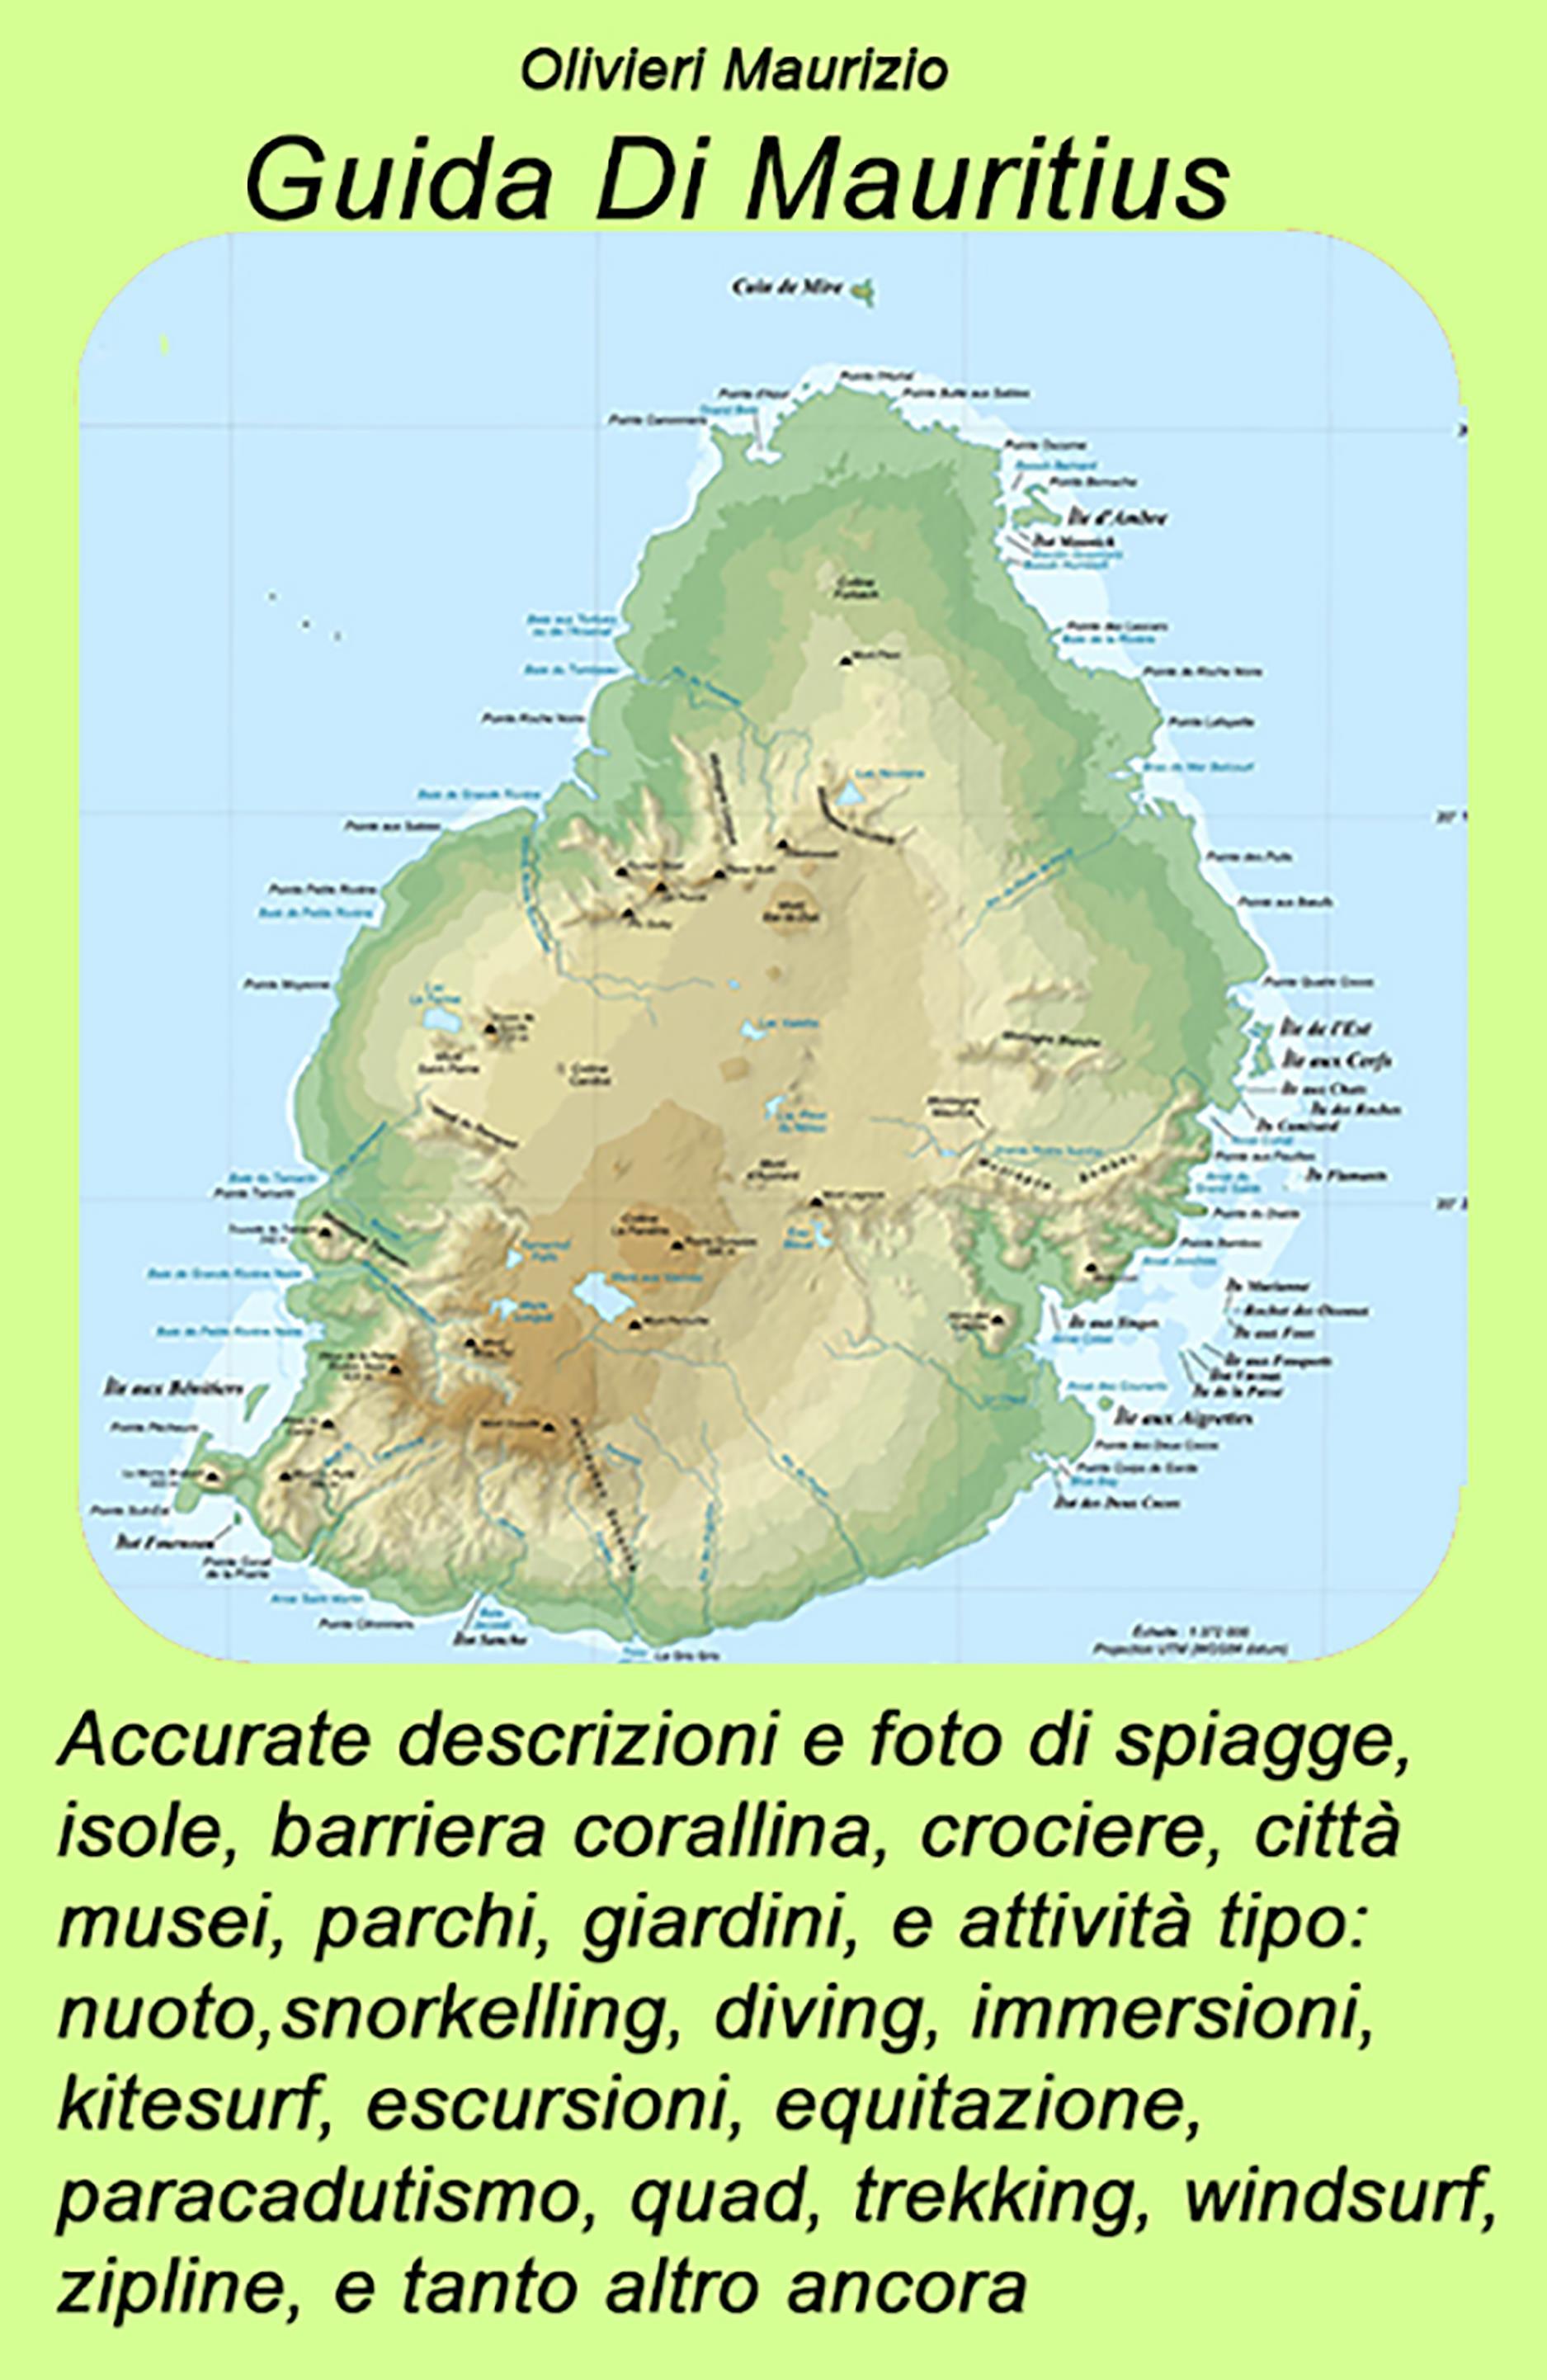 Guida di Mauritius